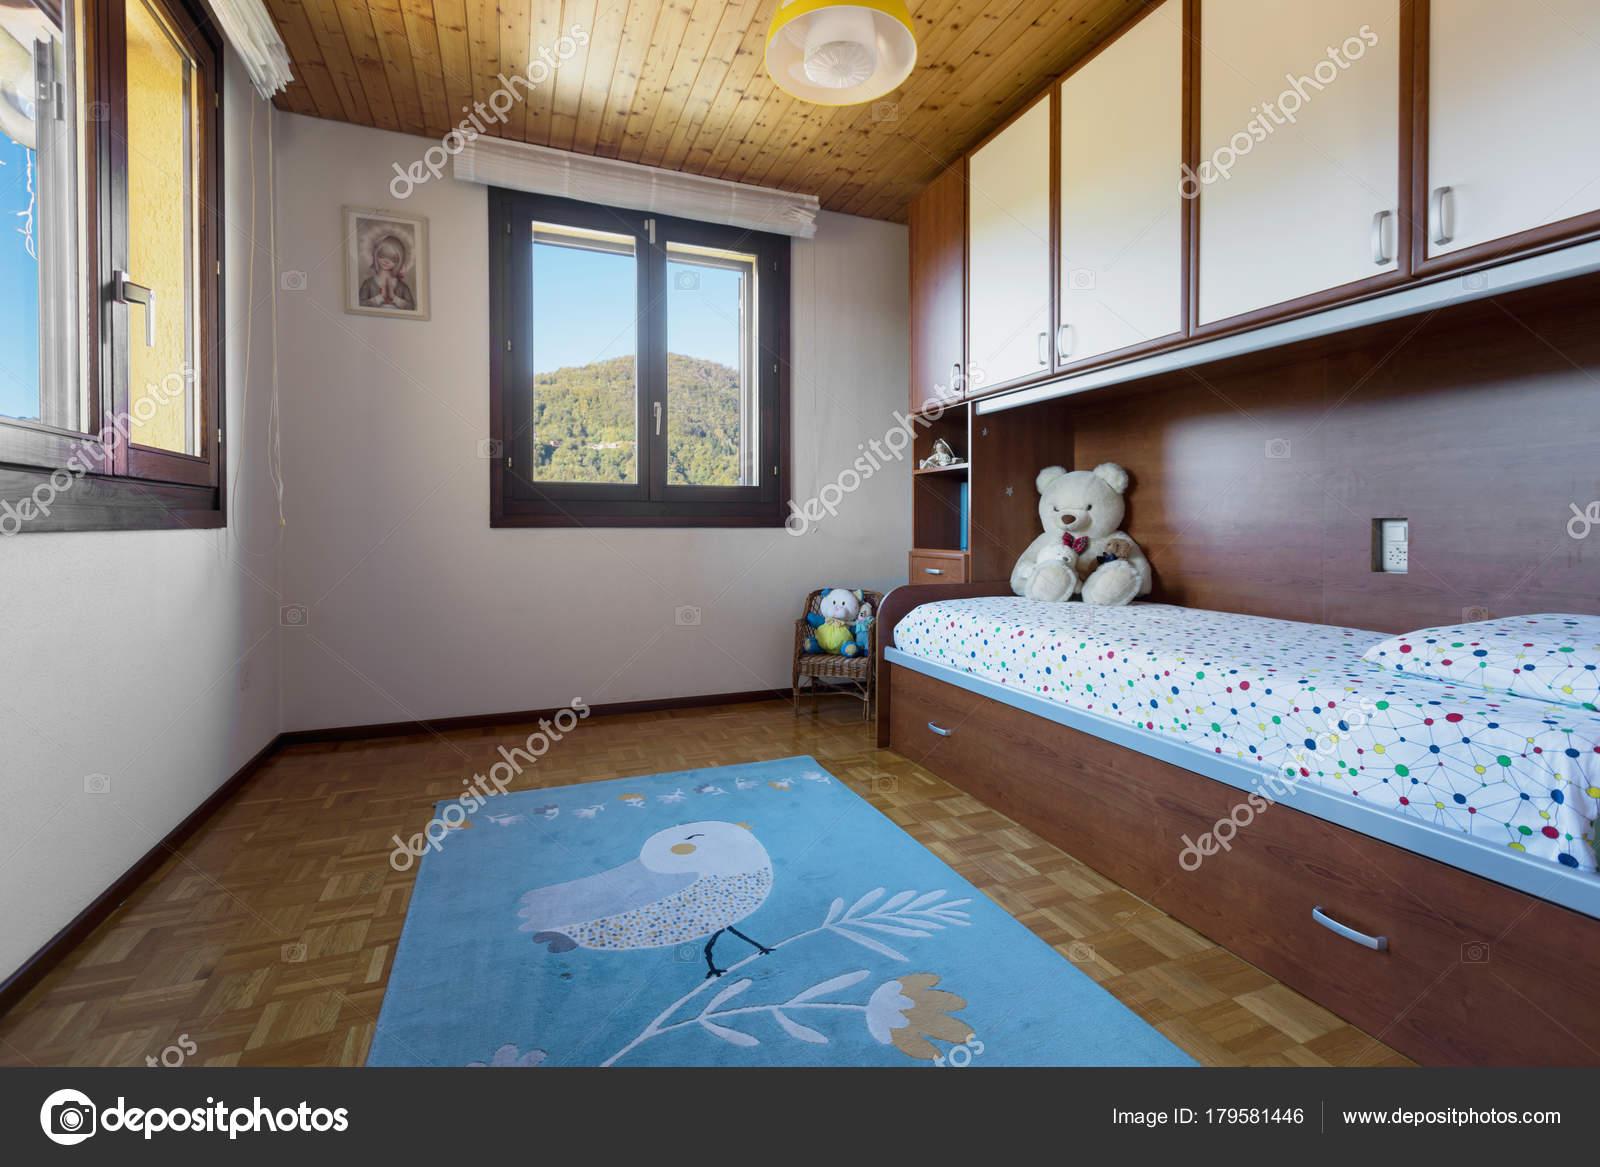 Schlafzimmer Mit Boden Und Holzdecke U2014 Stockfoto